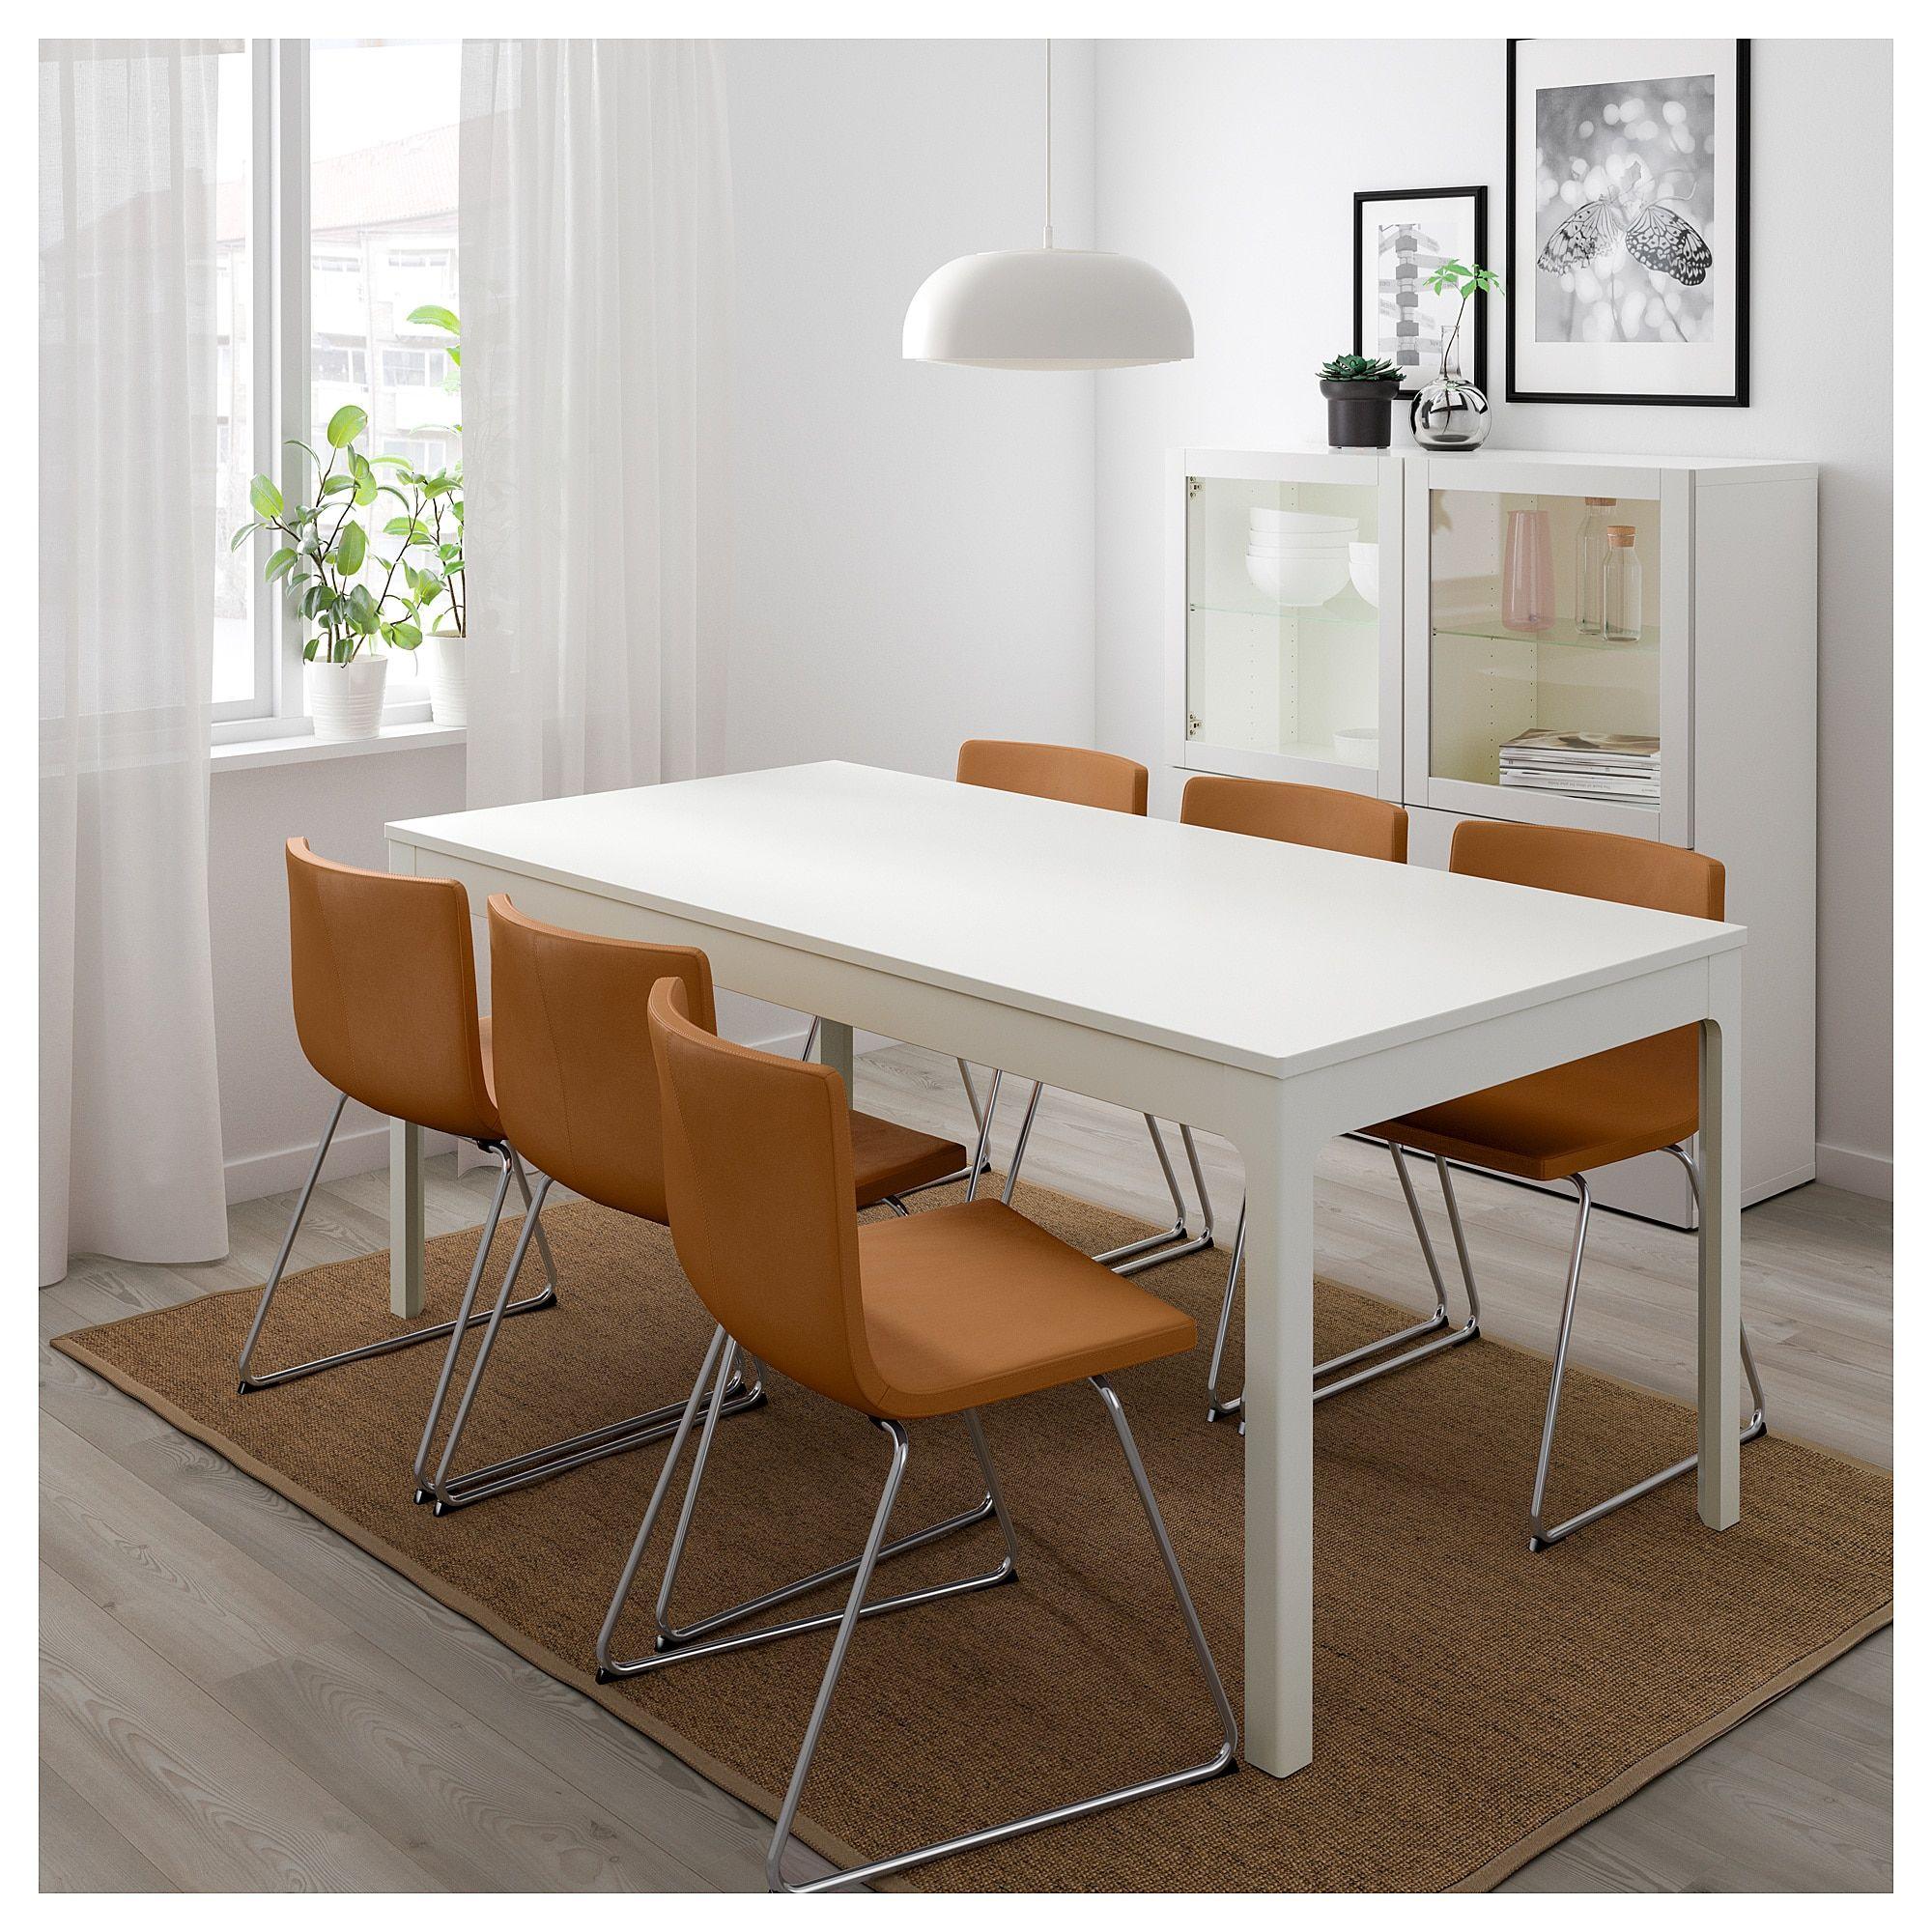 Ikea Ekedalen White Extendable Table Ikea Extendable Table Ikea Table Ikea